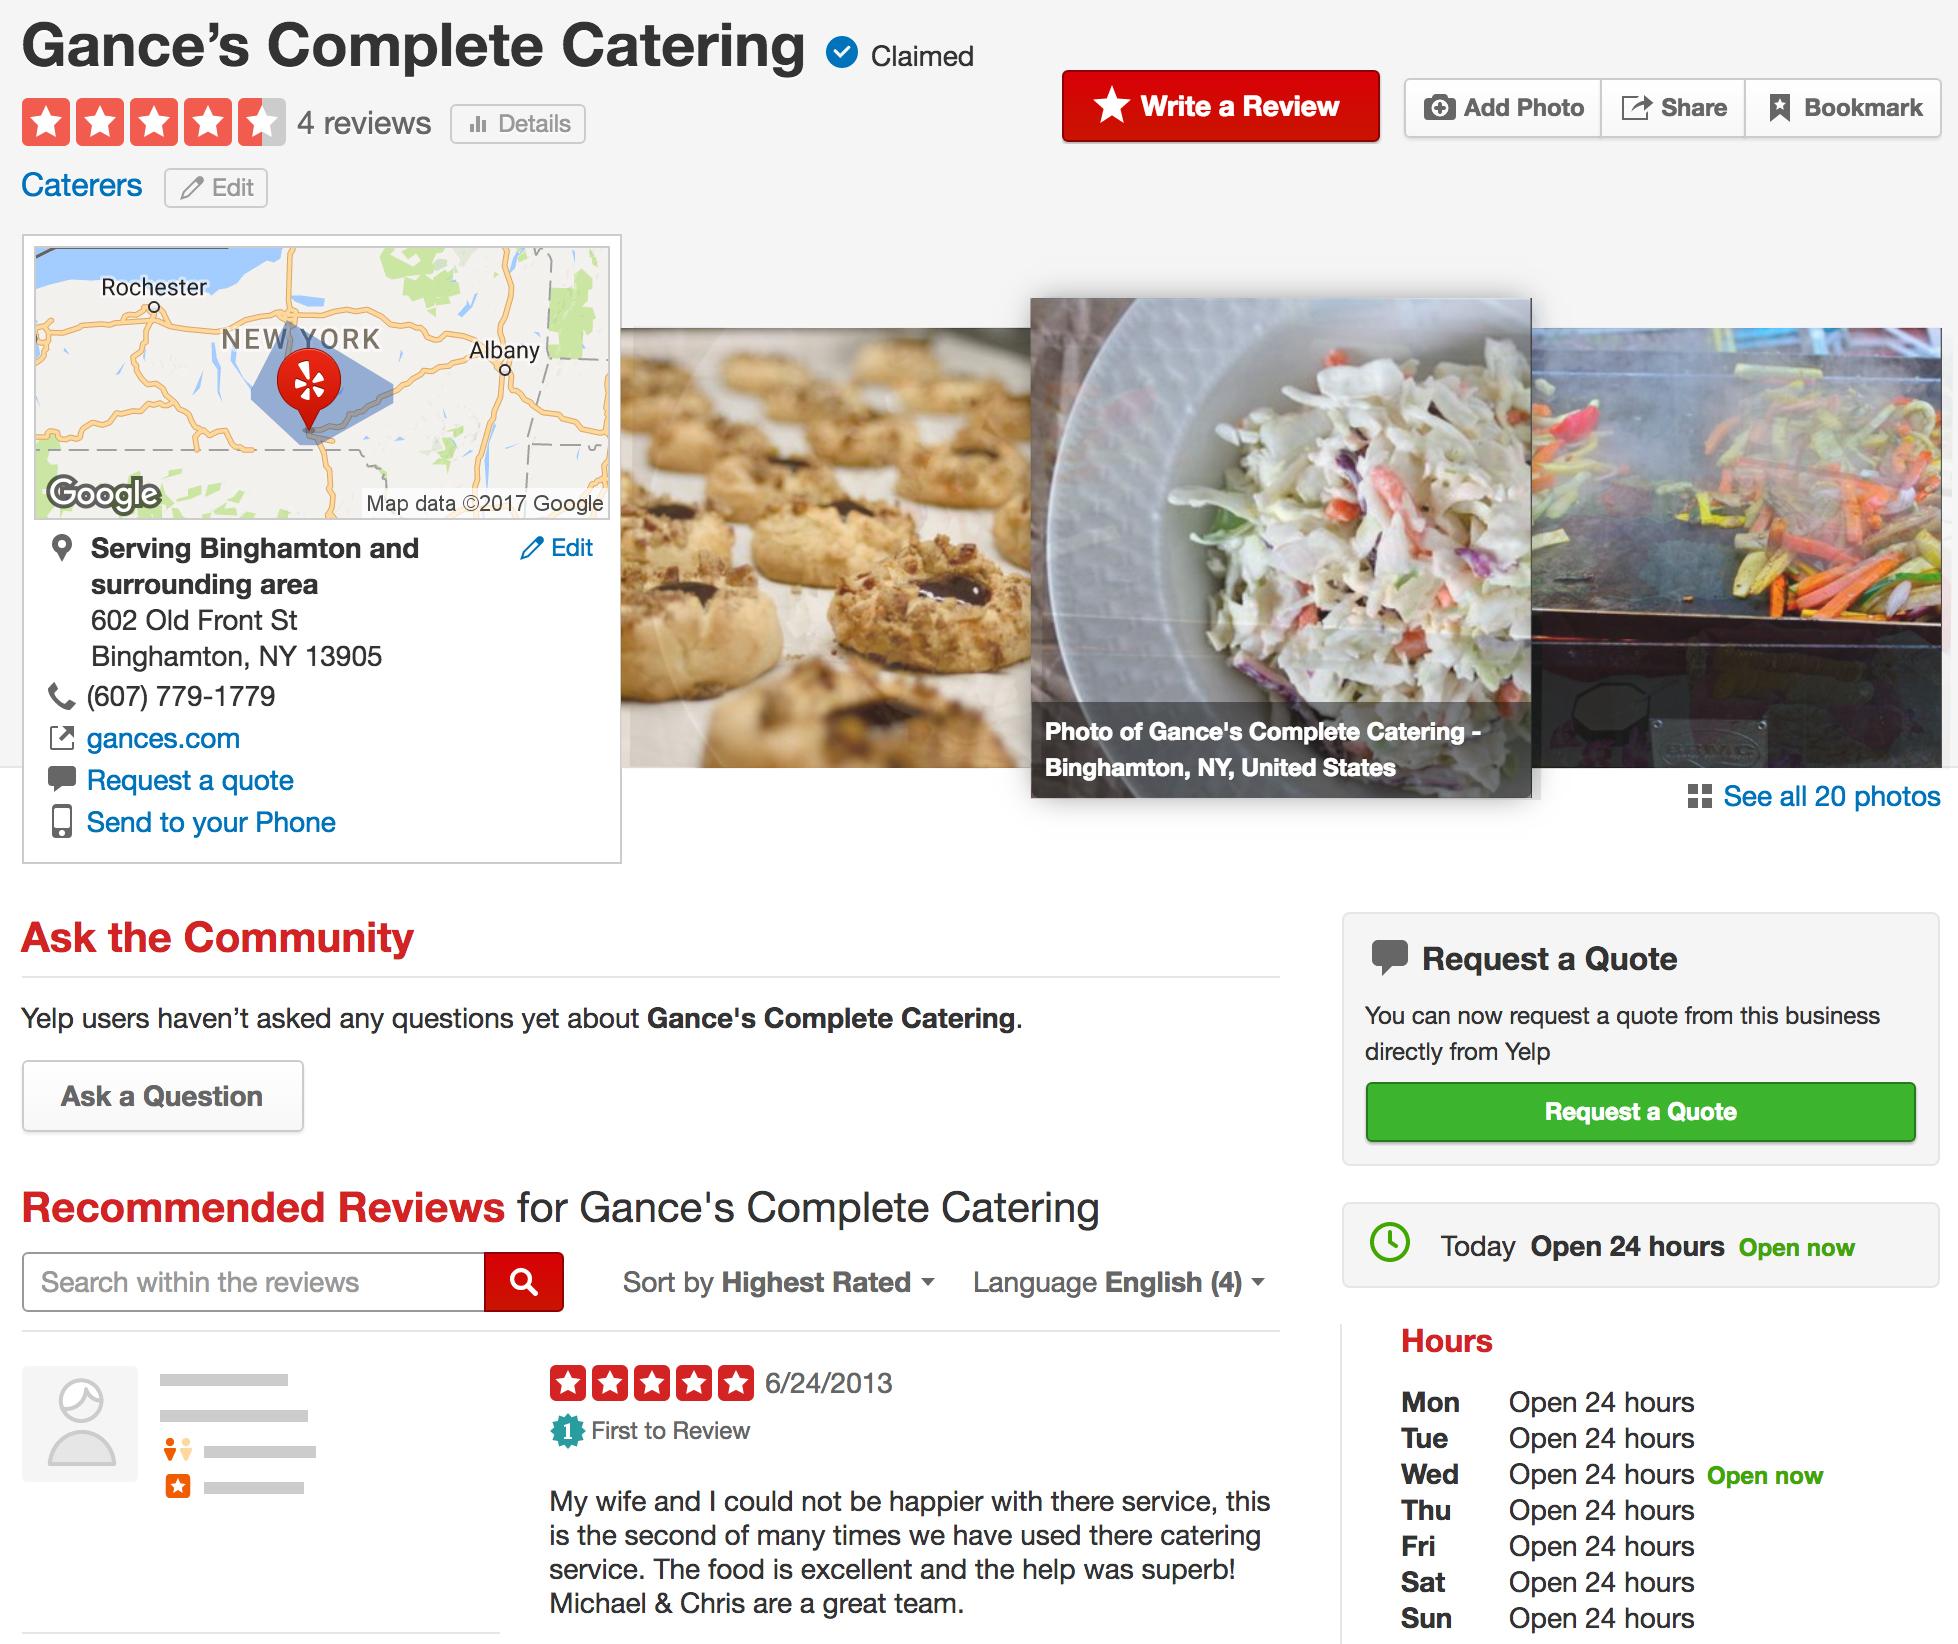 https://www.yelp.com/biz/gances-complete-catering-binghamton